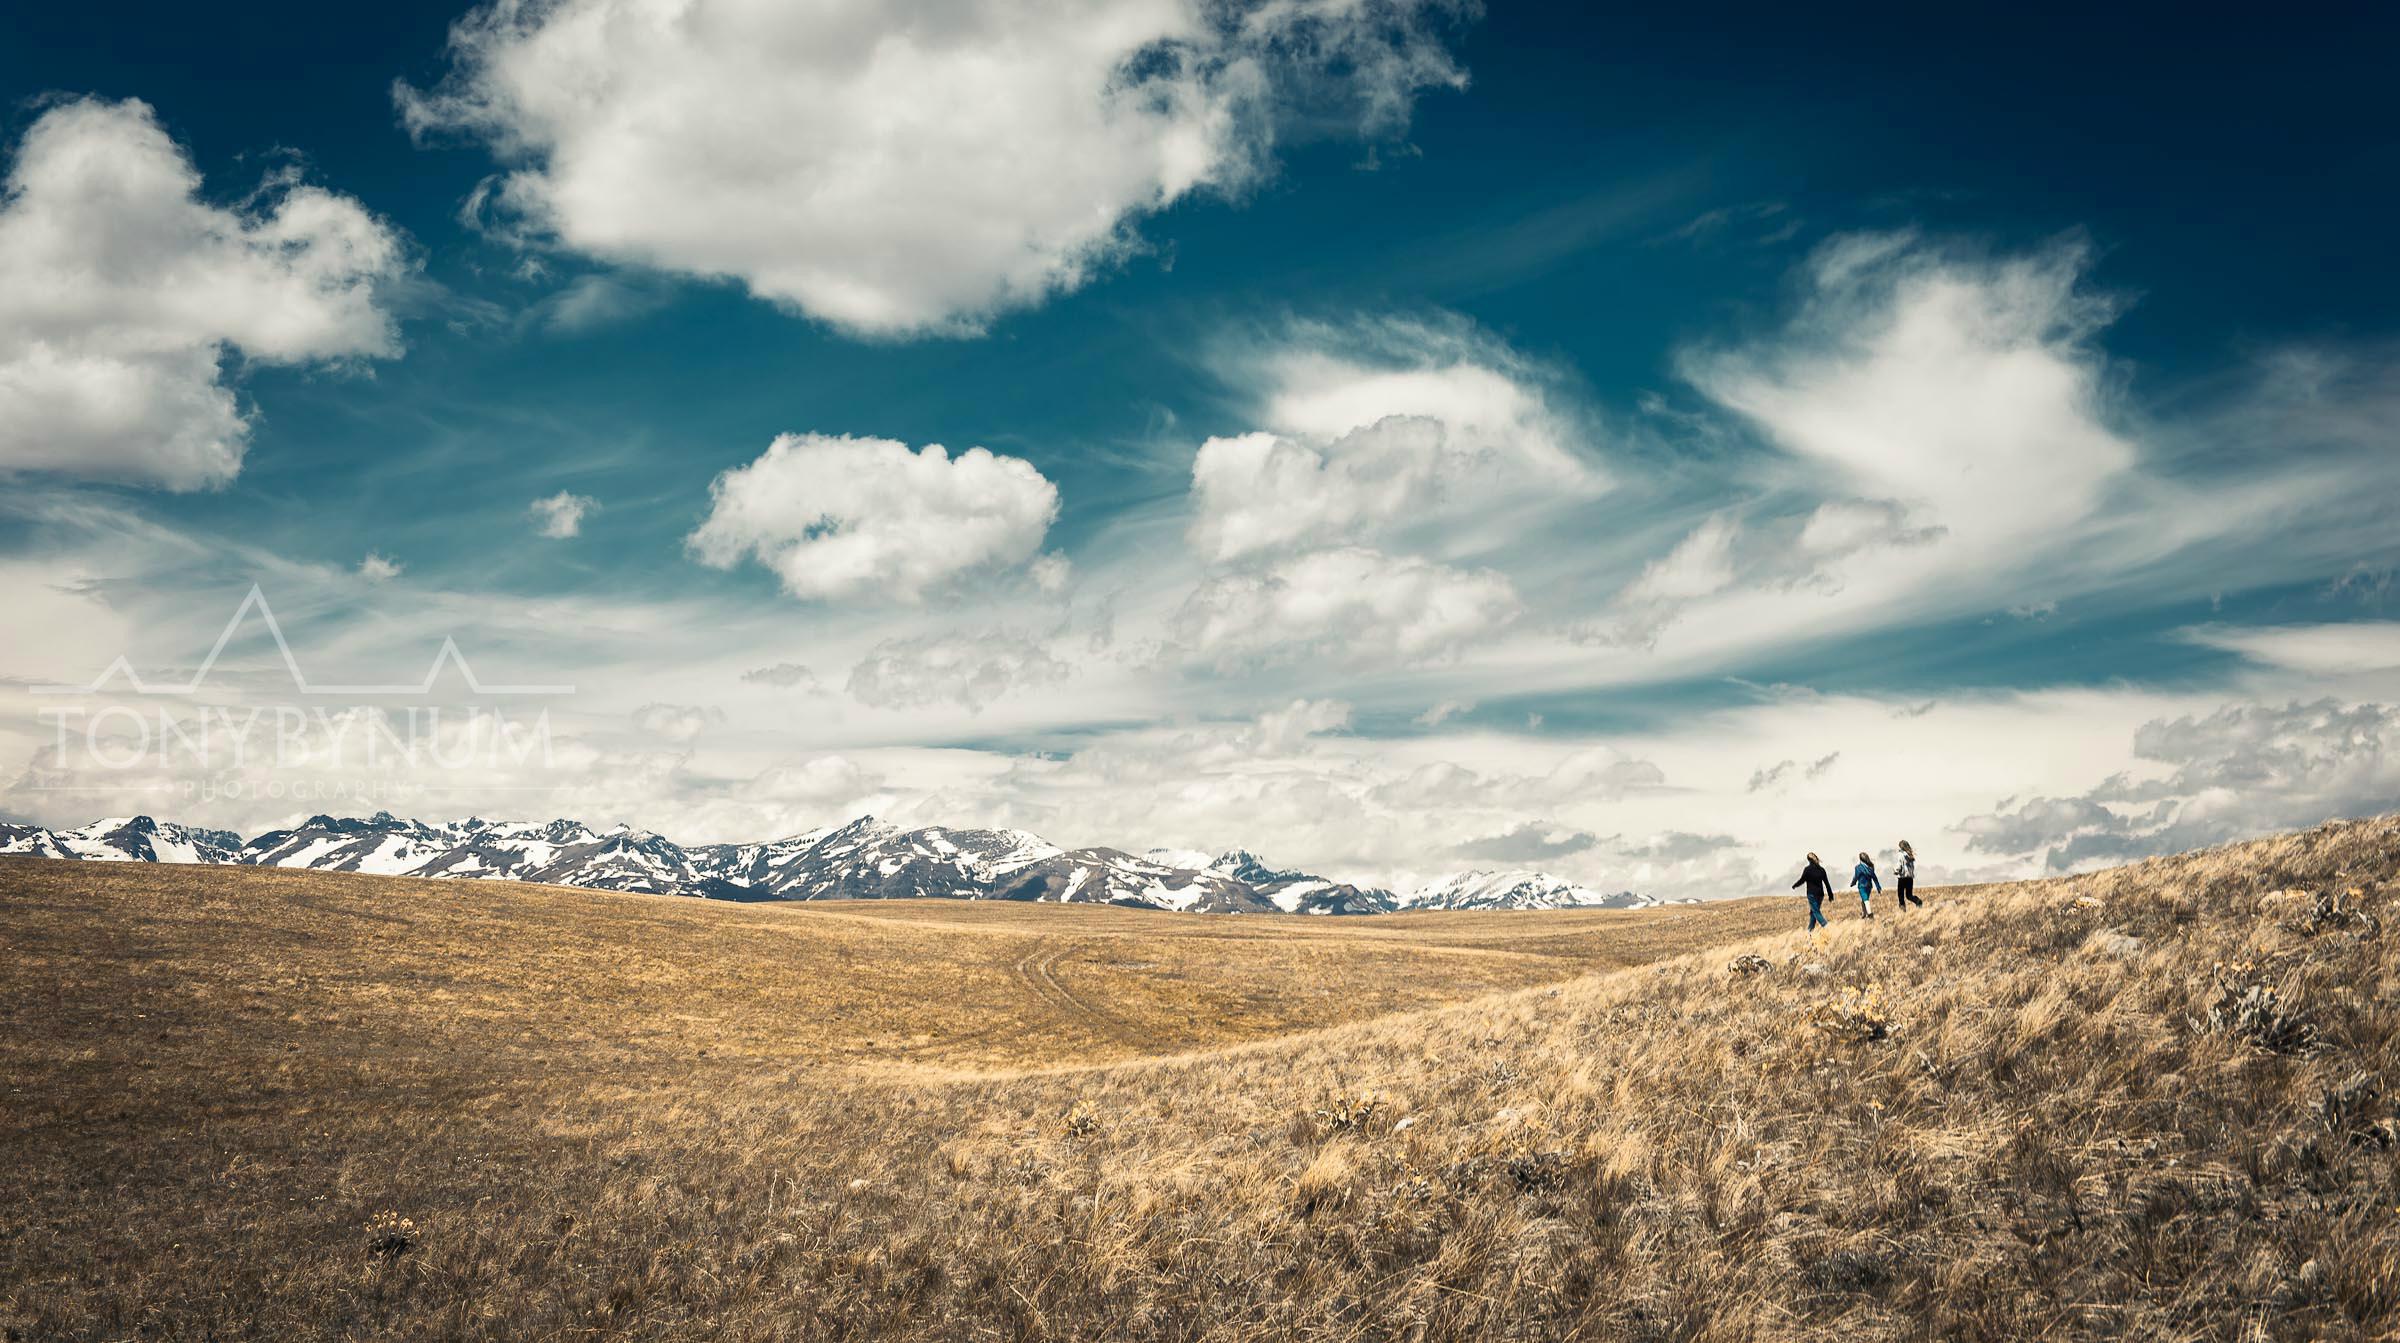 bynum-public-lands-ourwild-0197.jpg